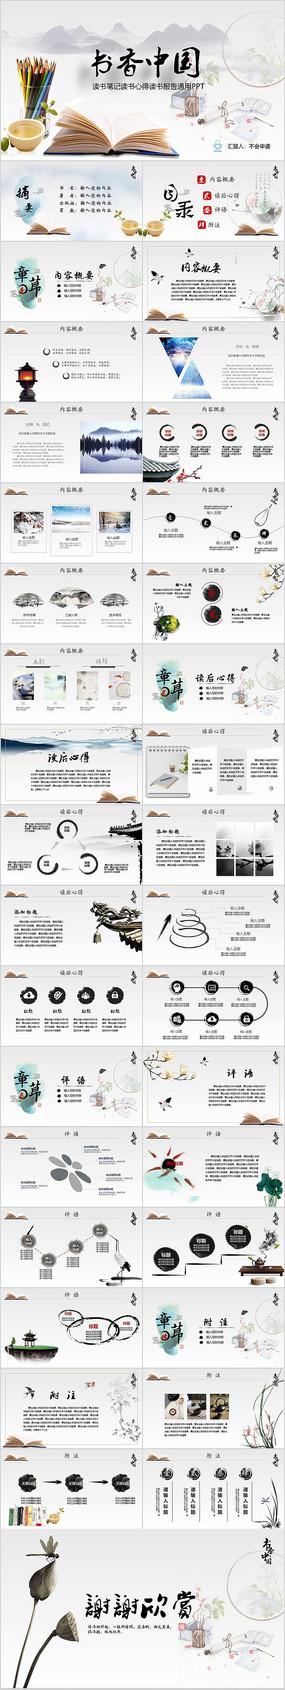 新古典书香中国读书笔记报告PPT